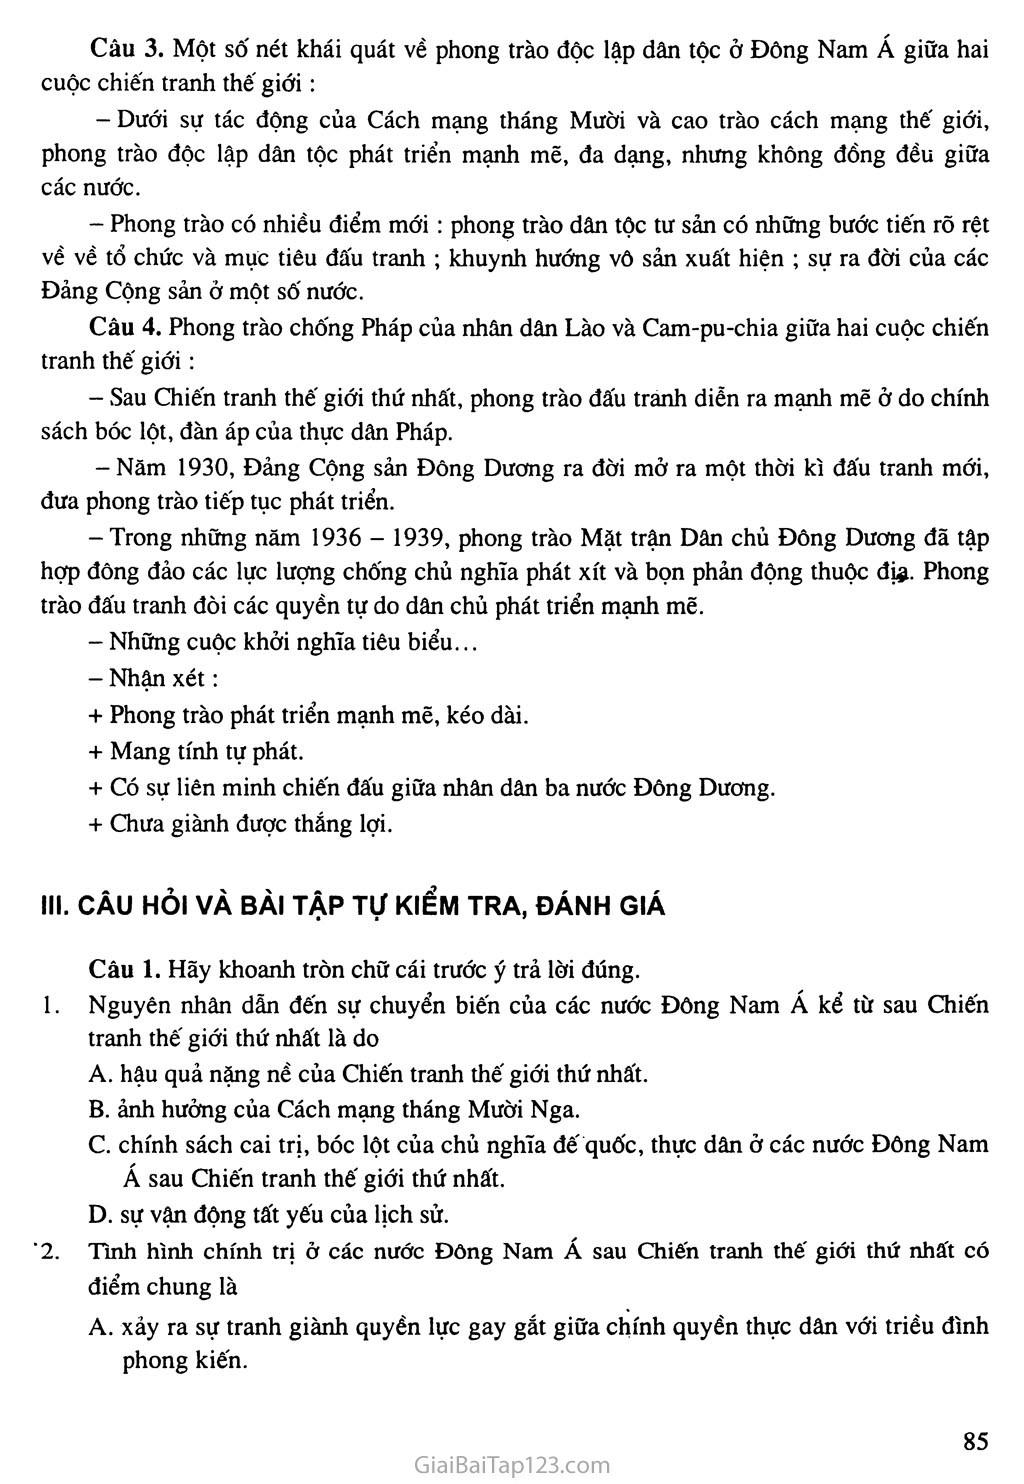 Bài 16: Các nước Đông Nam Á giữa hai cuộc chiến tranh thế giới (1918 - 1939) trang 5